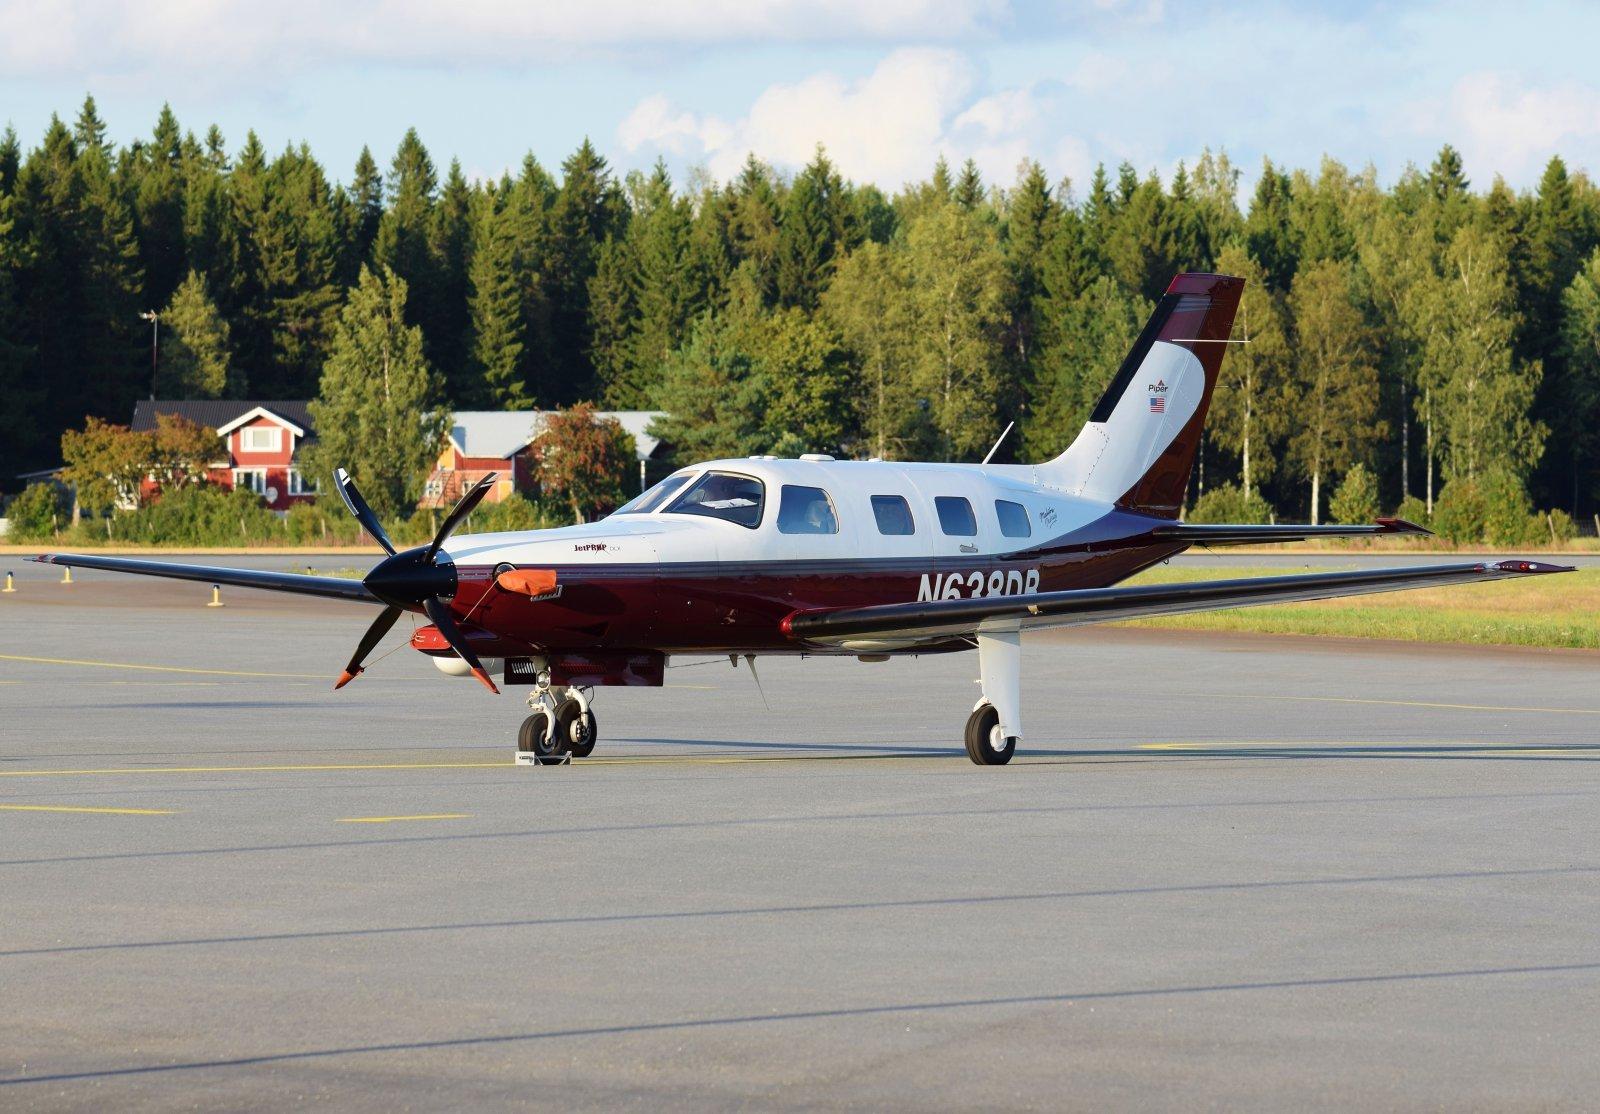 N638DB - Piper PA-46-350P Malibu Mirage (Jetprop DLX) - 19.8.2019